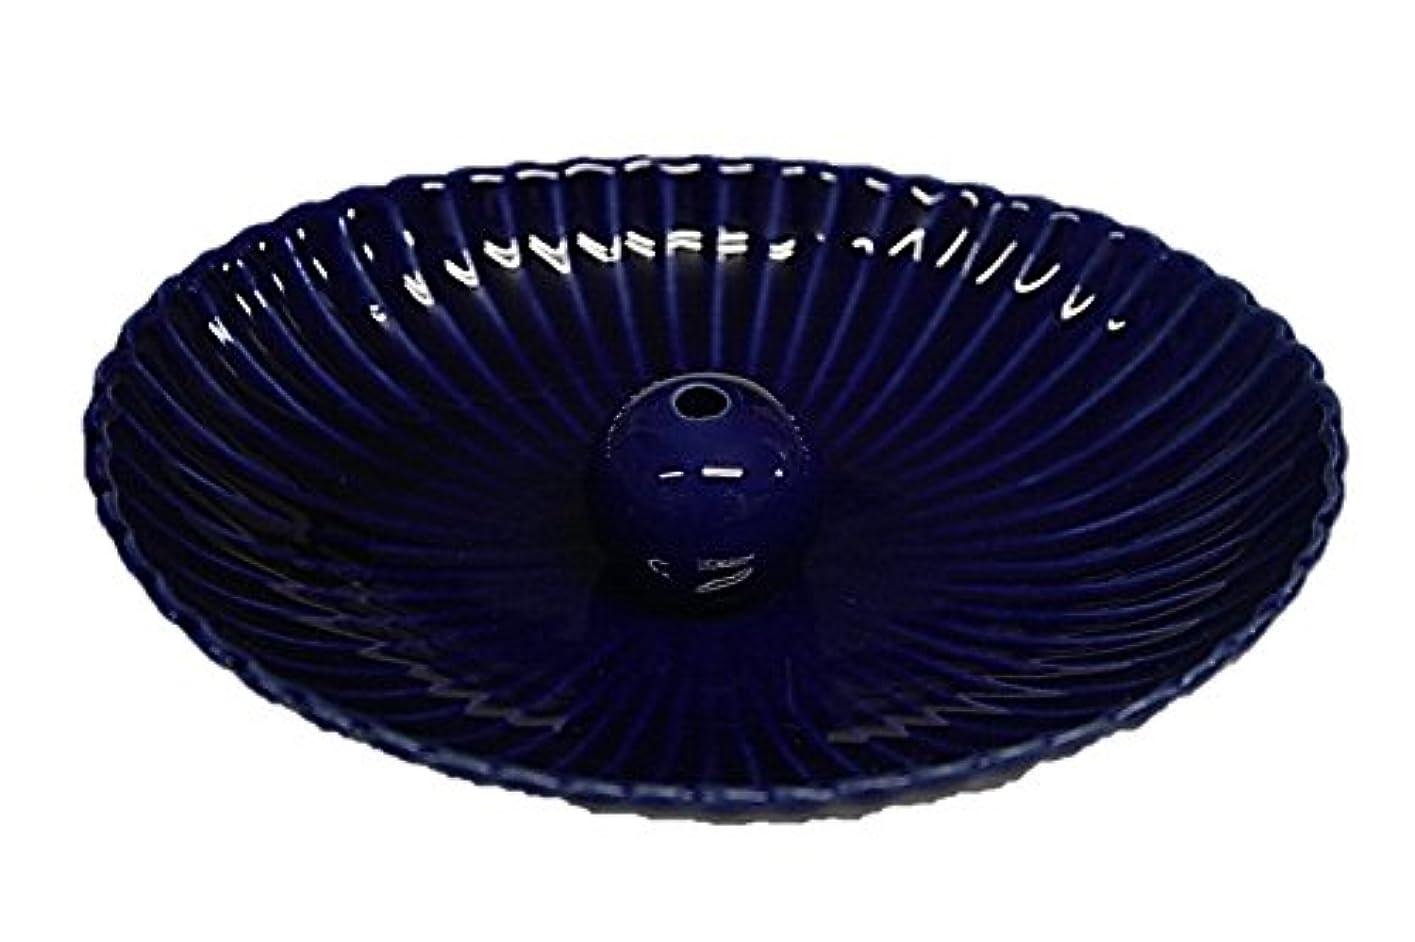 砂利極貧嵐の瑠璃色 楕円皿 日本製 製造?直売 お香立て お香たて 陶器 少し深めな香皿